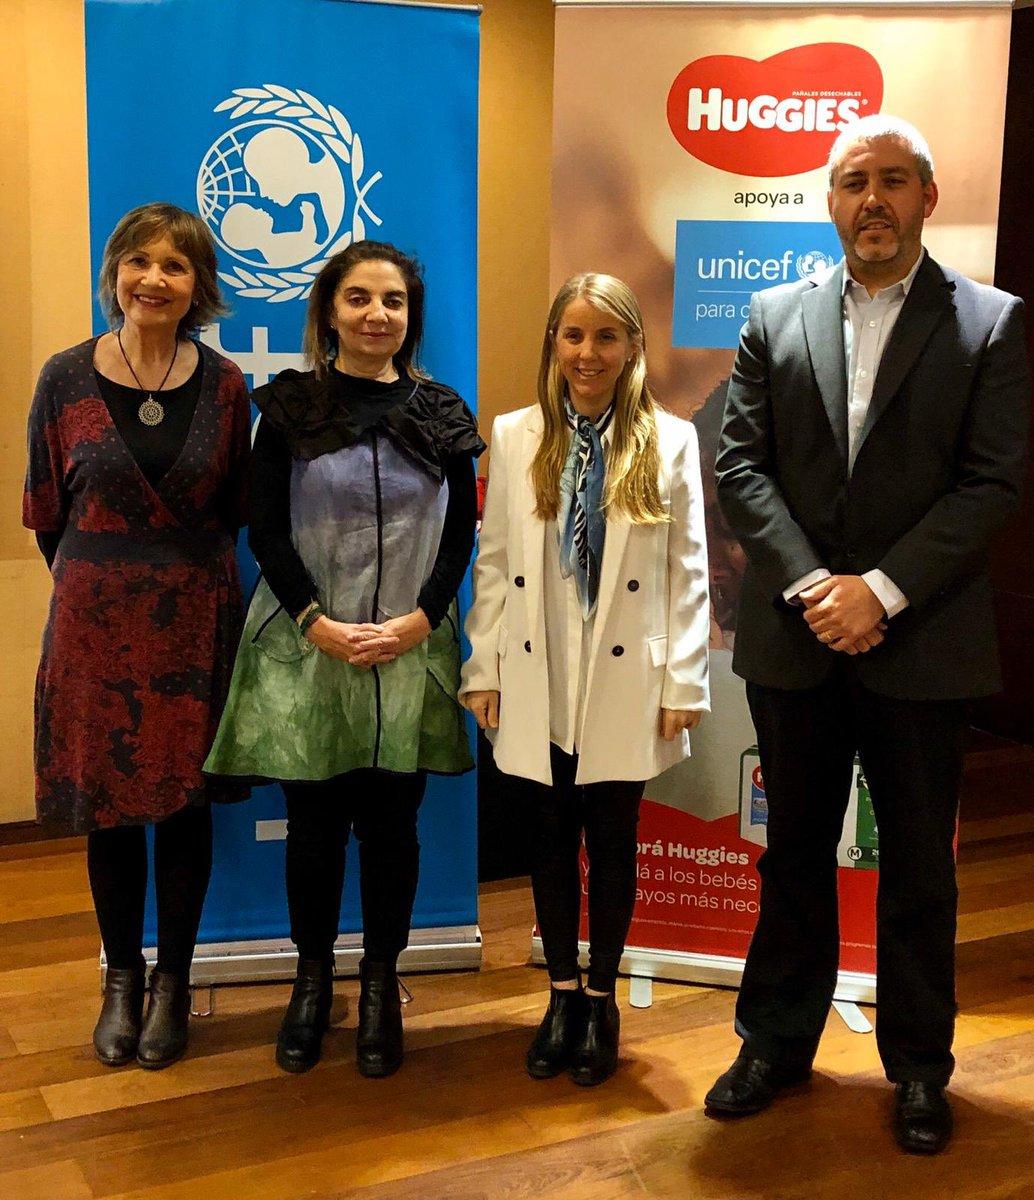 Hoy, @UNICEFuruguay y @huggiesuruguay firman una alianza por la que Kimberly Clark estará contribuyendo por 3 años al trabajo de UNICEF en el área de primera infancia: el programa #UnAbrazoParaCadaBebé https://t.co/l8lmCfs0kD